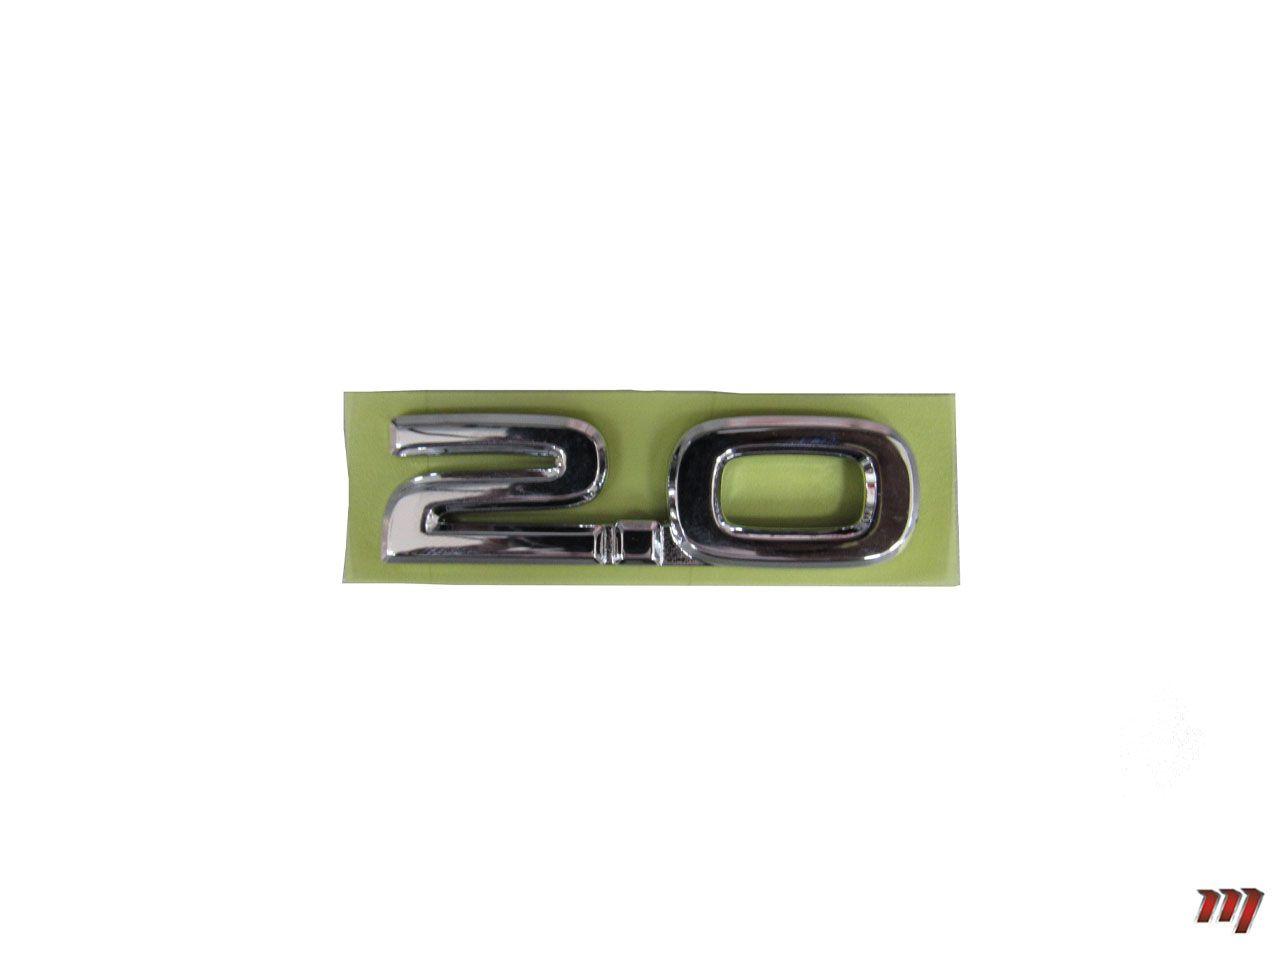 Emblema 2.0 Tampa Traseira Corolla 2010 a 2014  - Mirai Peças Toyota